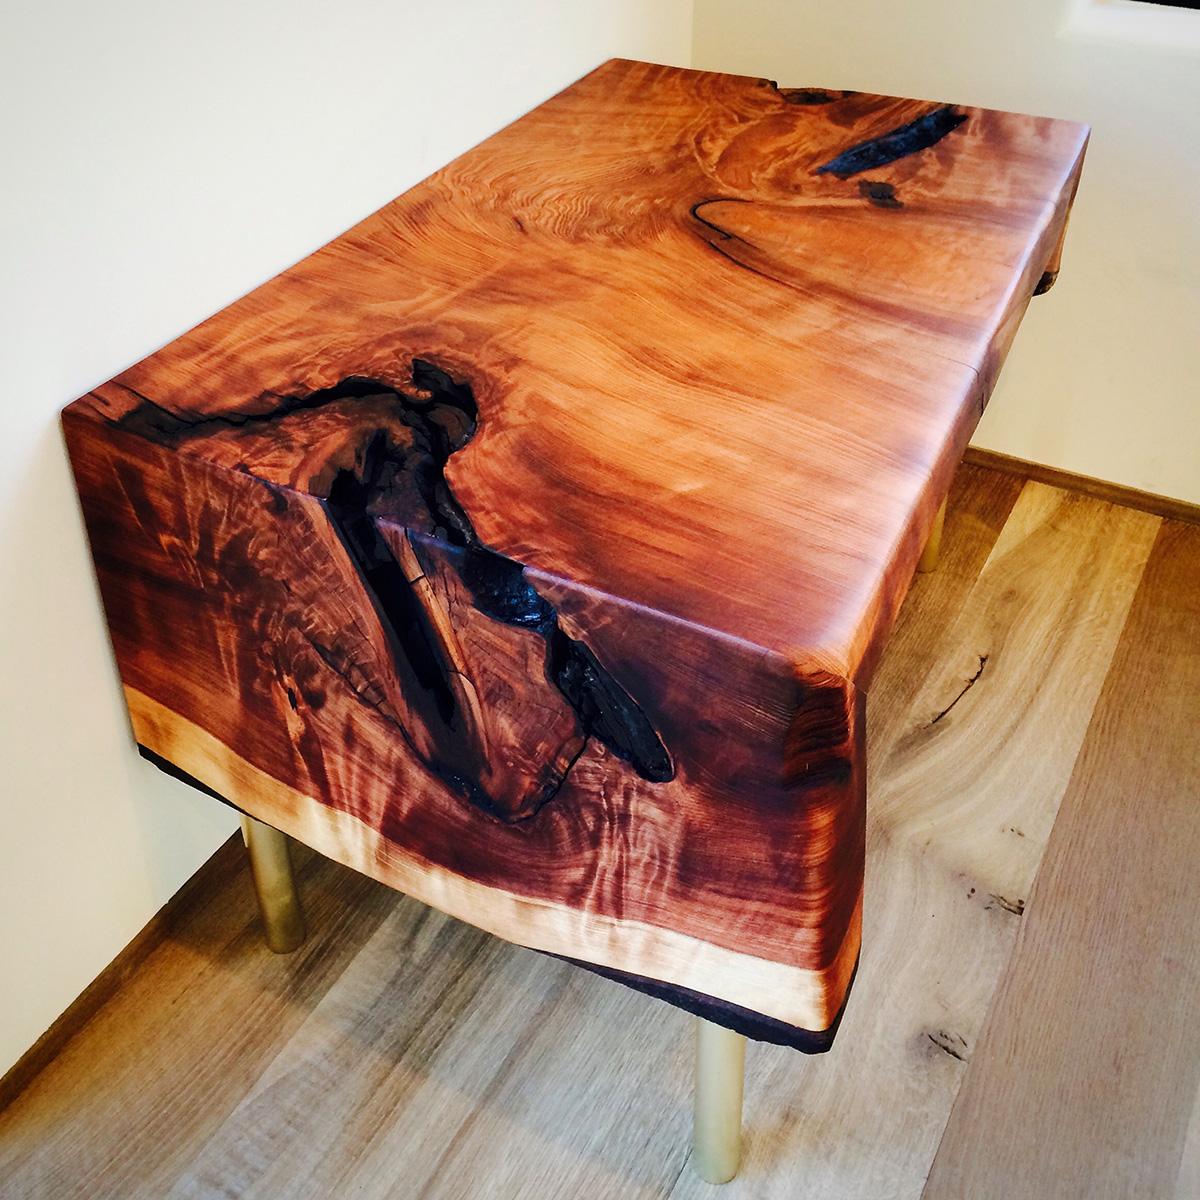 redwood-waterfall-table.jpg